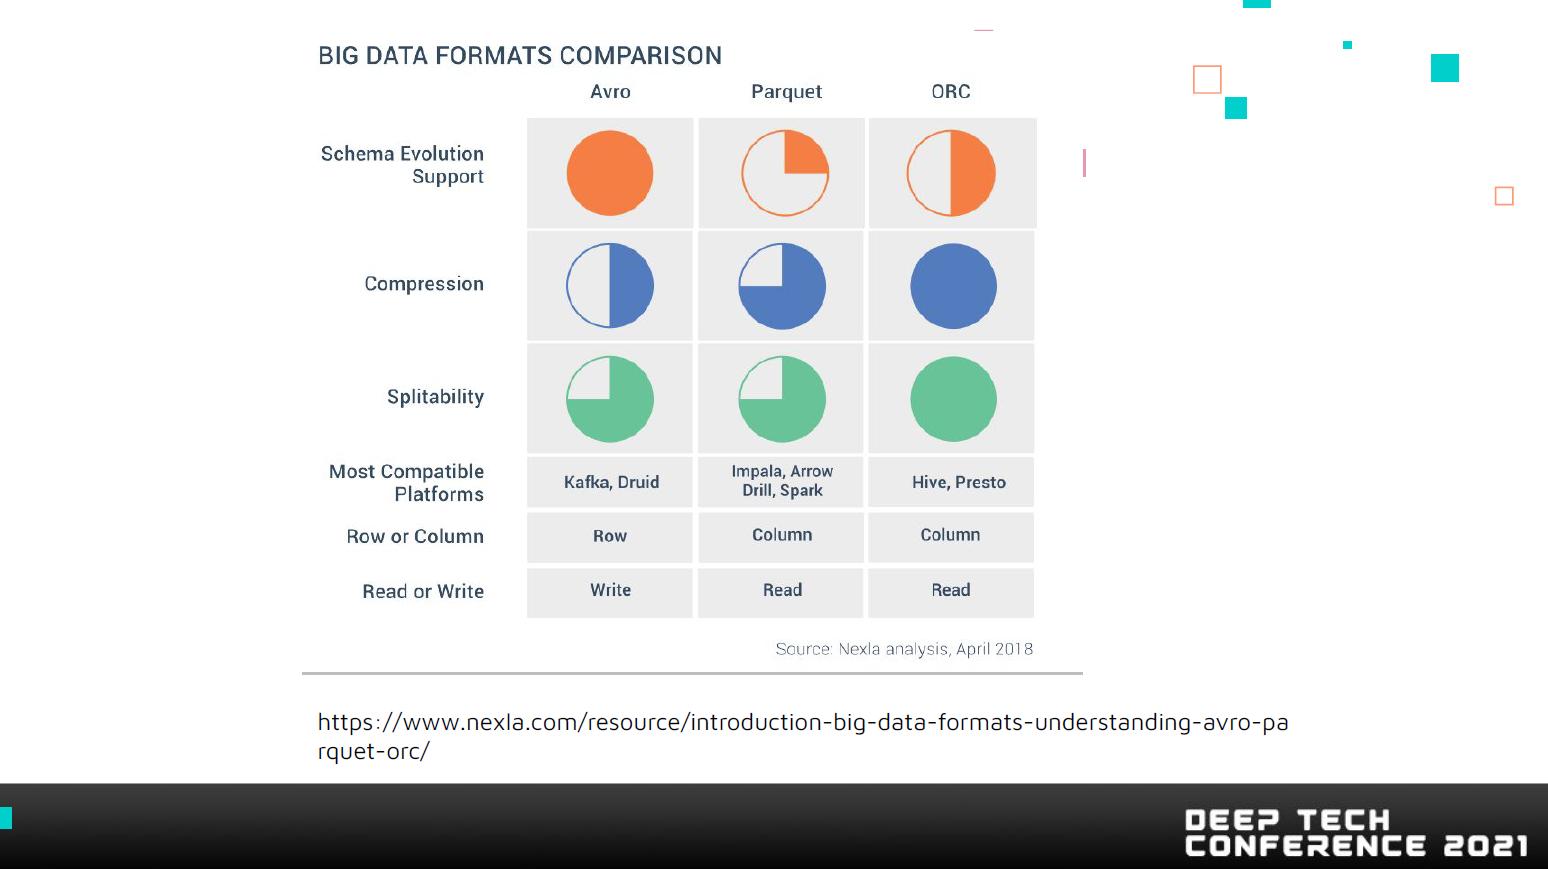 Formatos de Big Data